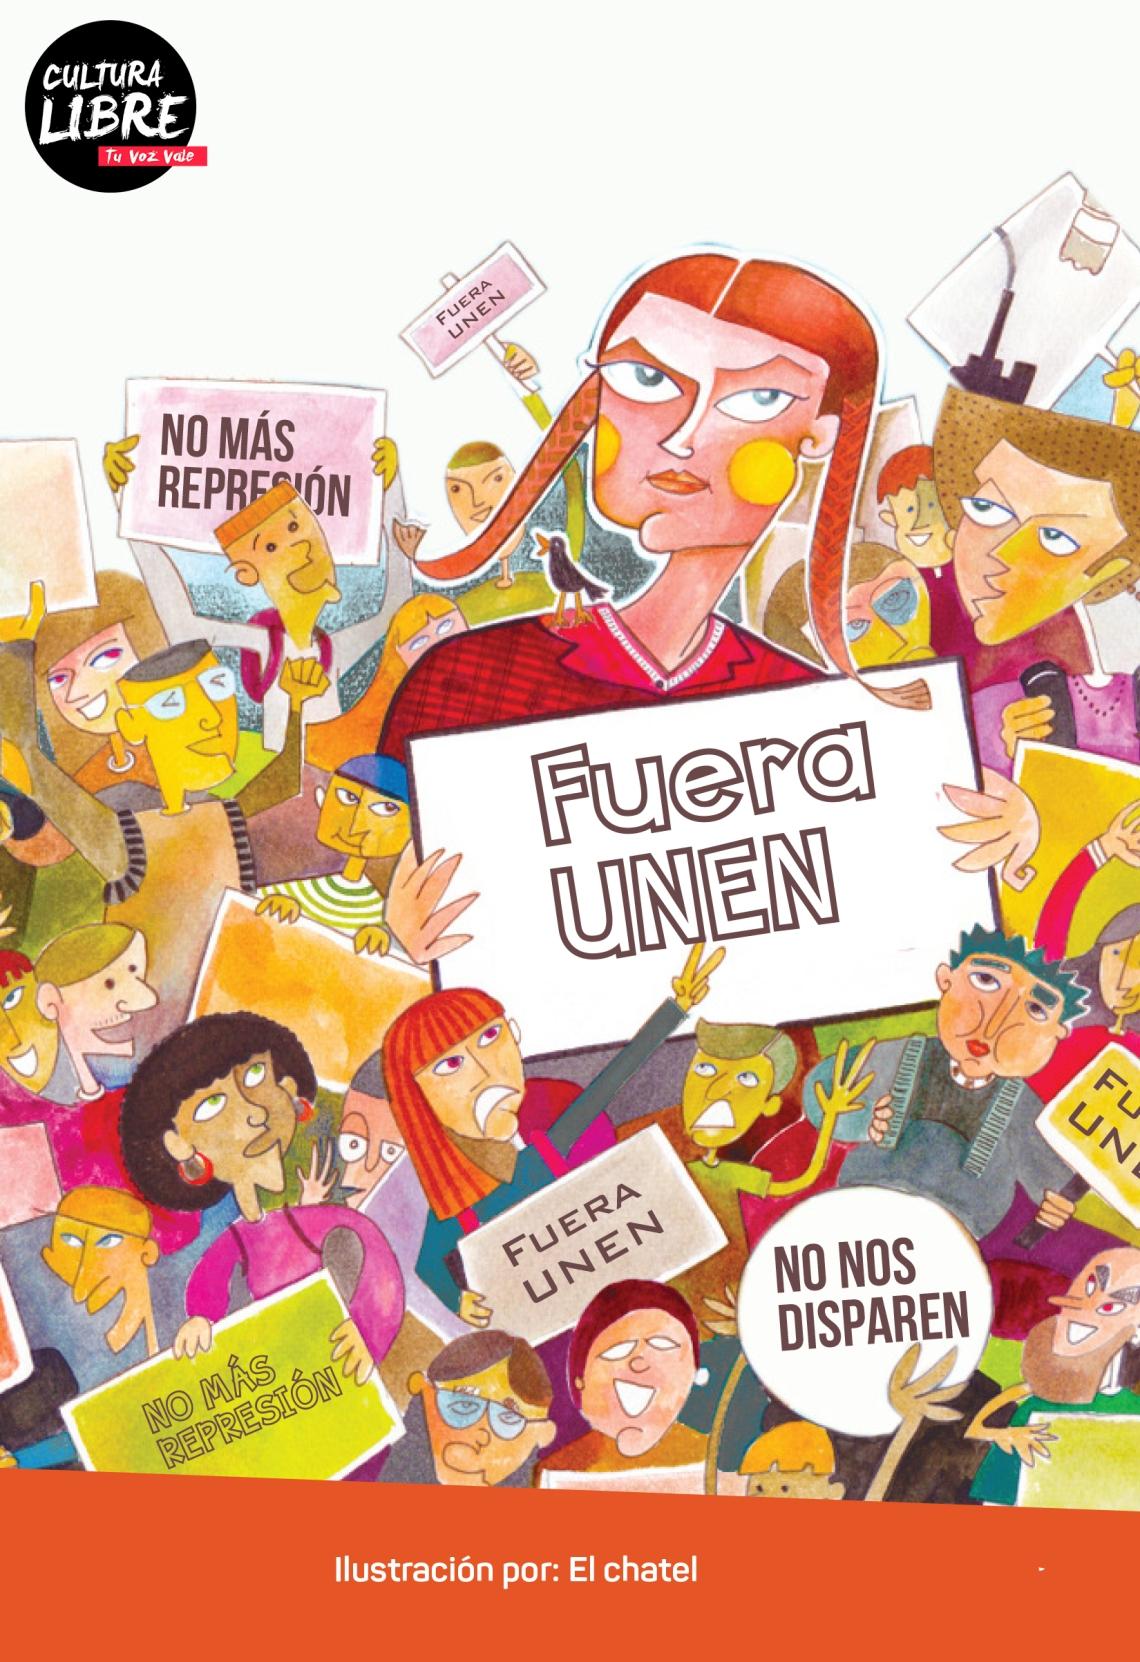 CulturaLibre_JulioISSUU-39.jpg